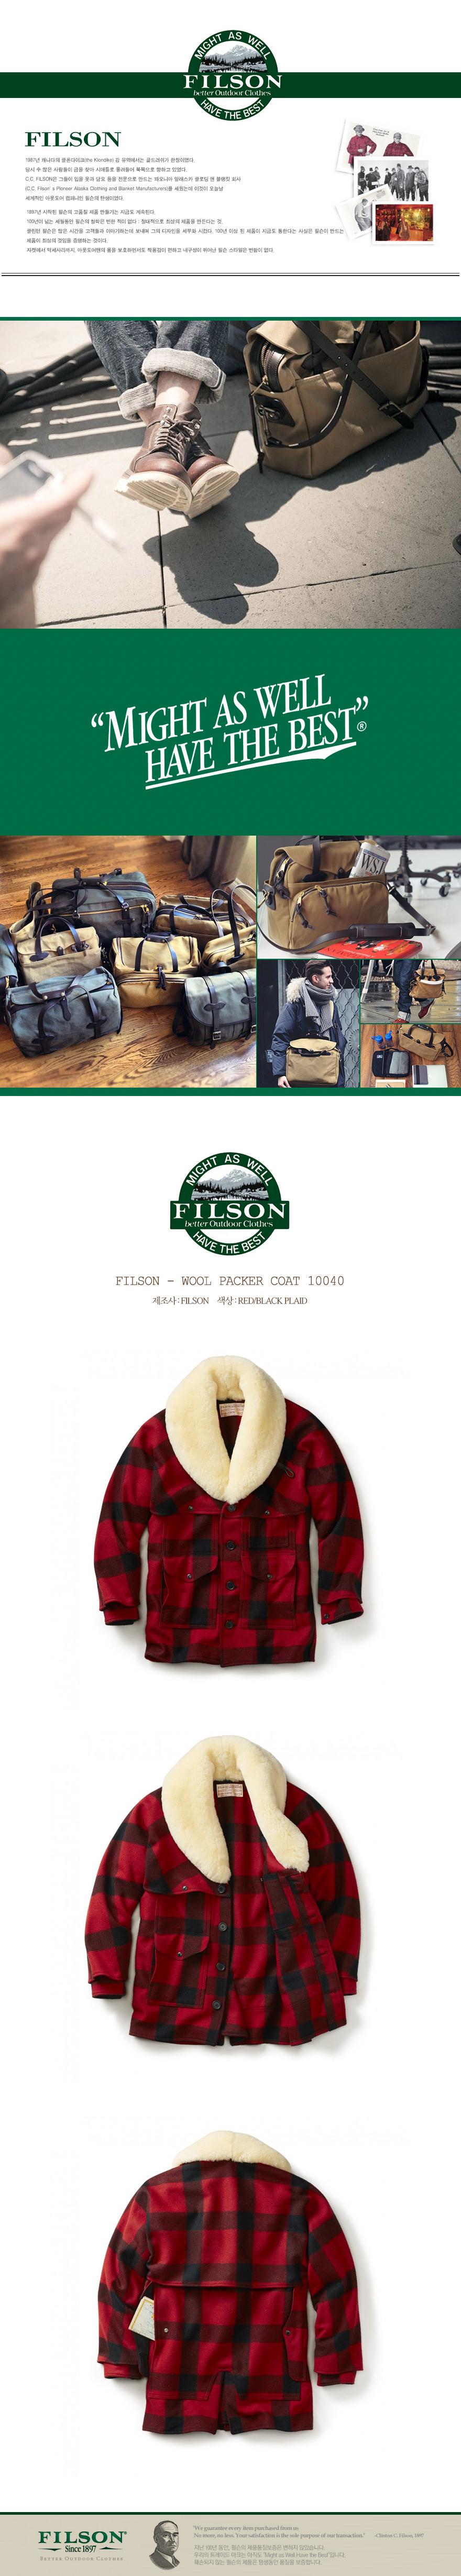 [필슨]FILSON - Wool Packer Coat 10040 (Red/Black Plaid) 정품 울 패커 코트 자켓 울패커 울패커코트